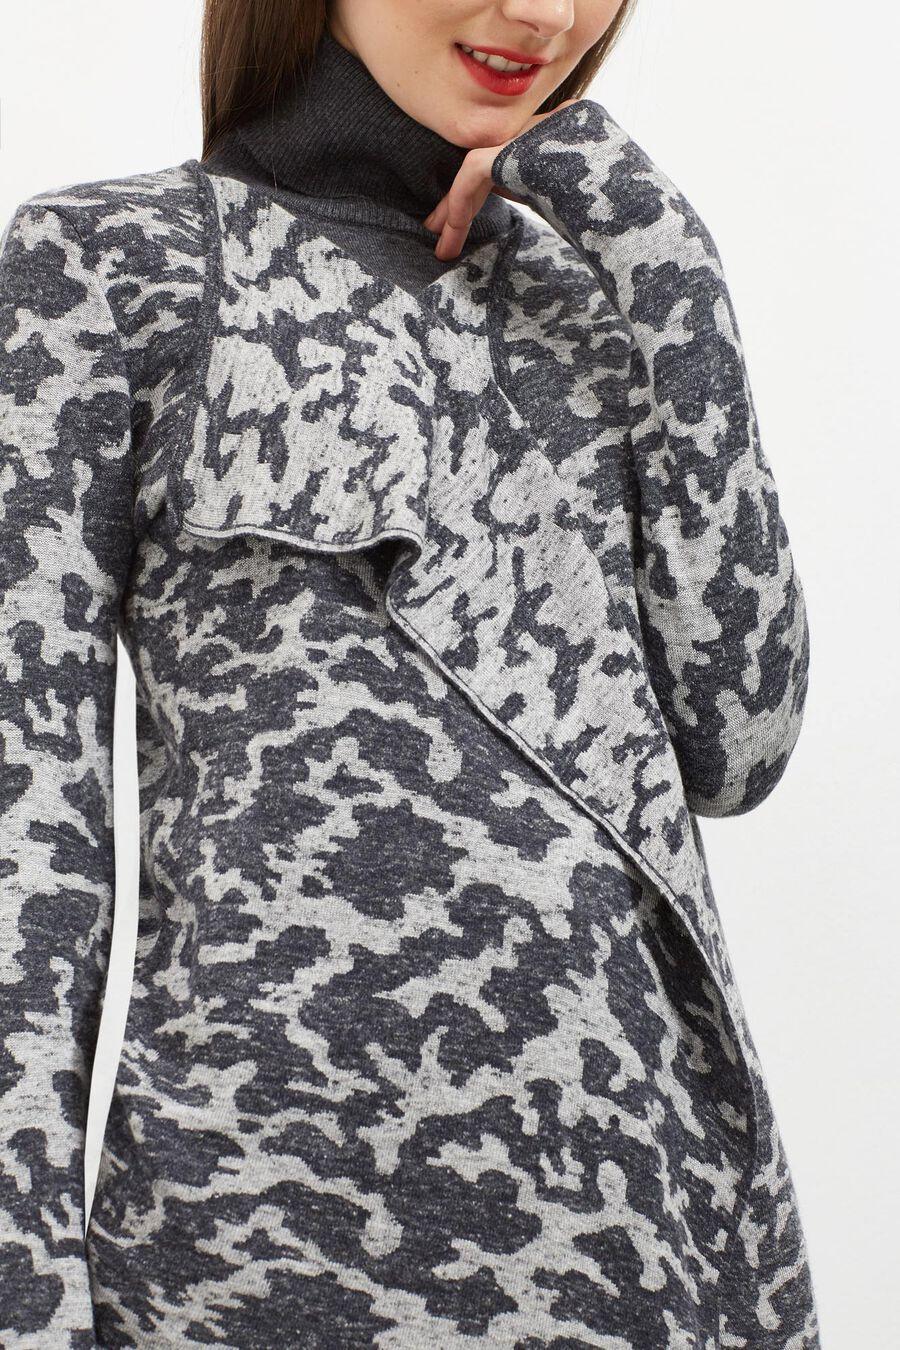 Jacquard jacket